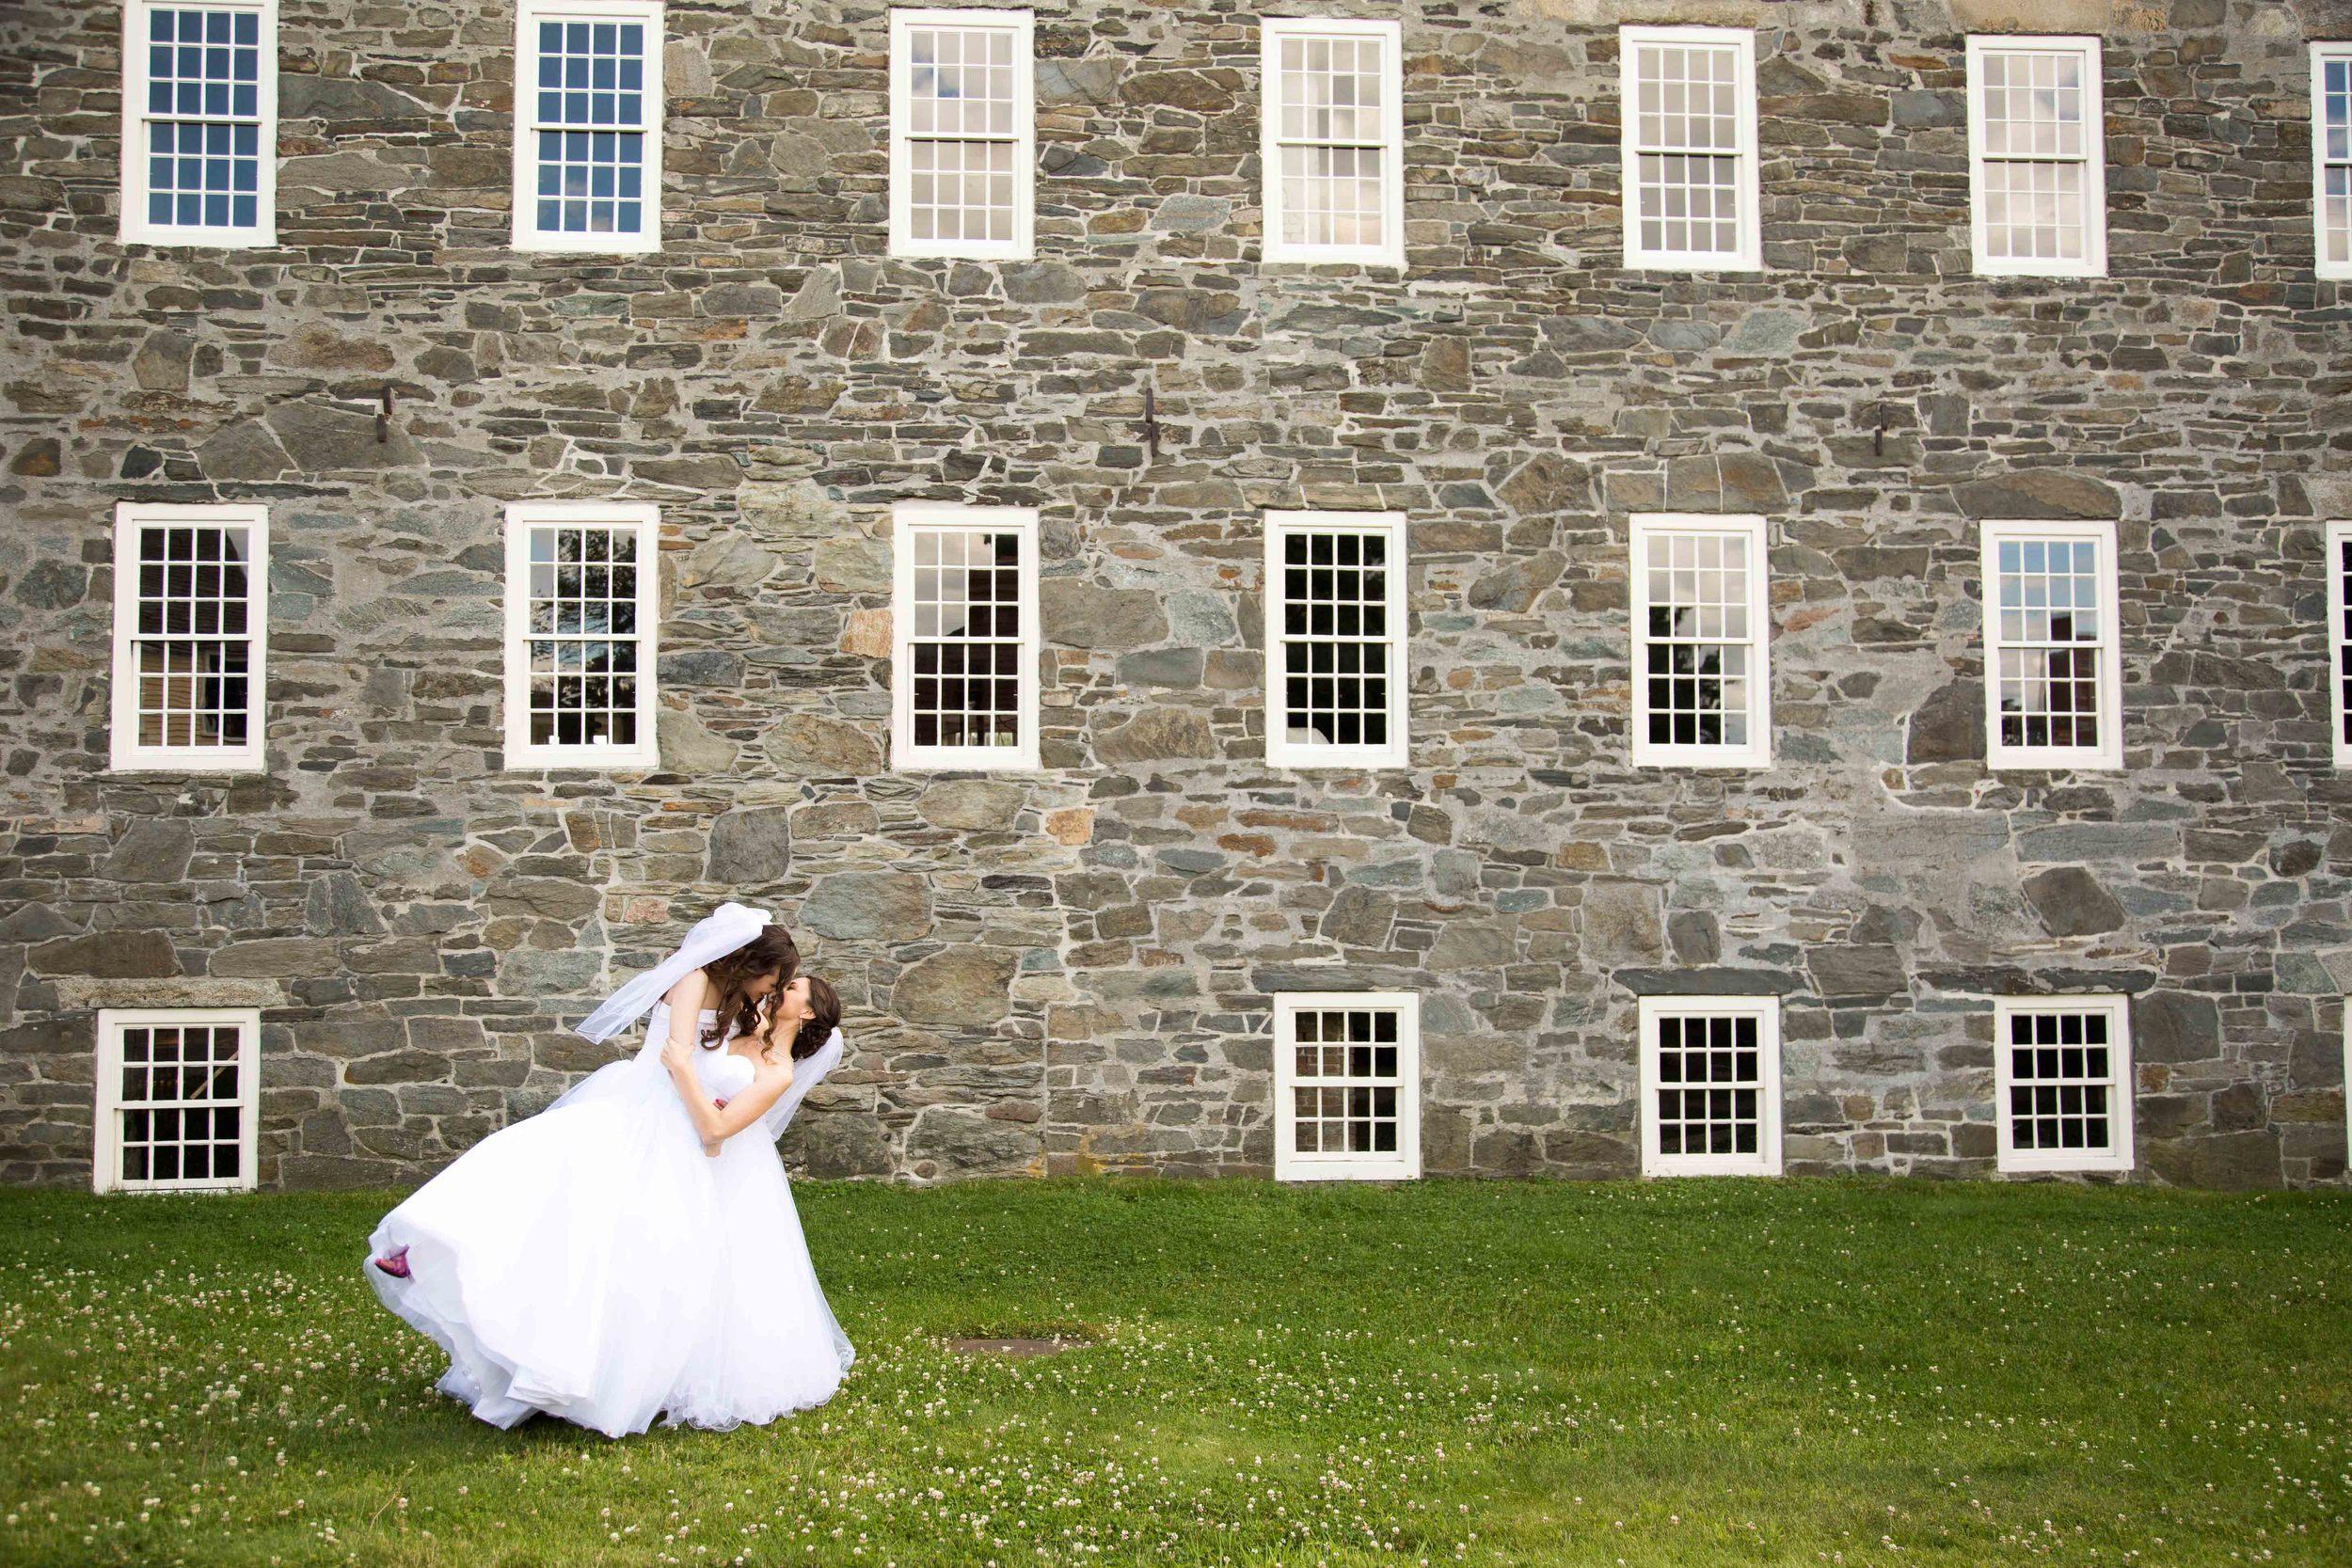 Tracy_Rodriguez_Photography_WeddingPort_LaliKati-Horz-3.jpg